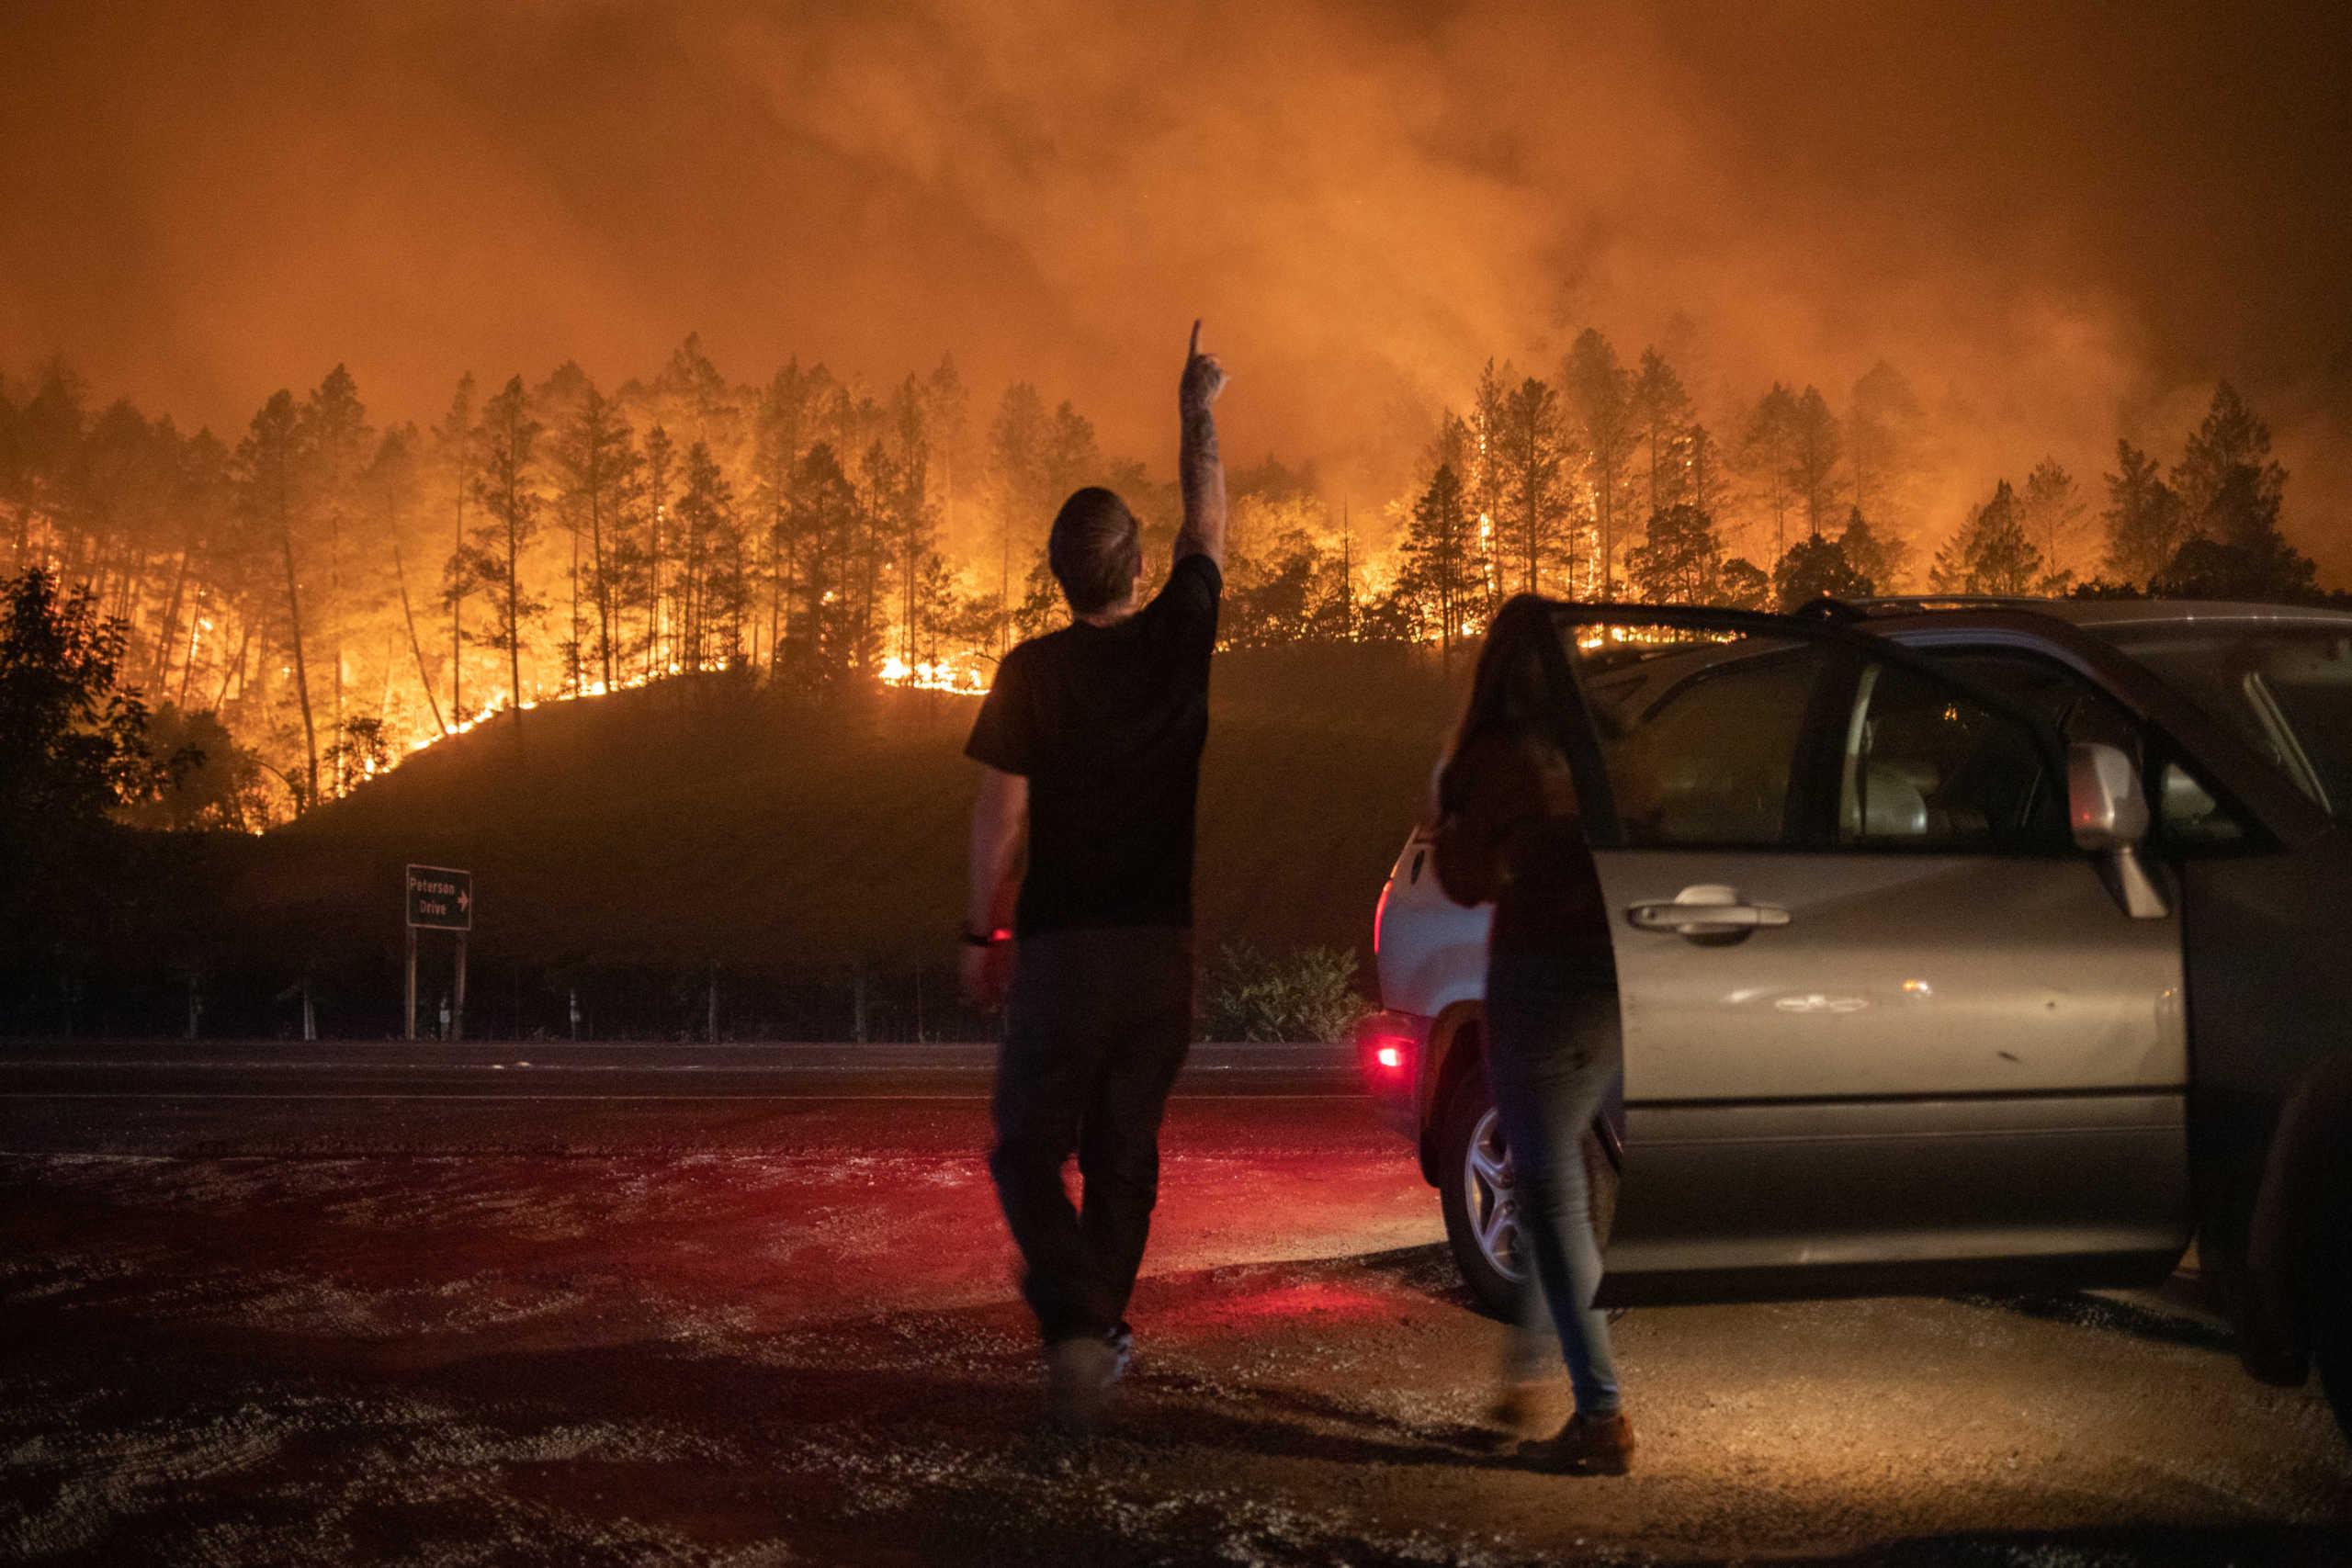 Νεκροί και απίστευτες καταστροφές στους αμπελώνες της Νάπα από τις μεγάλες φωτιές στην Καλιφόρνια